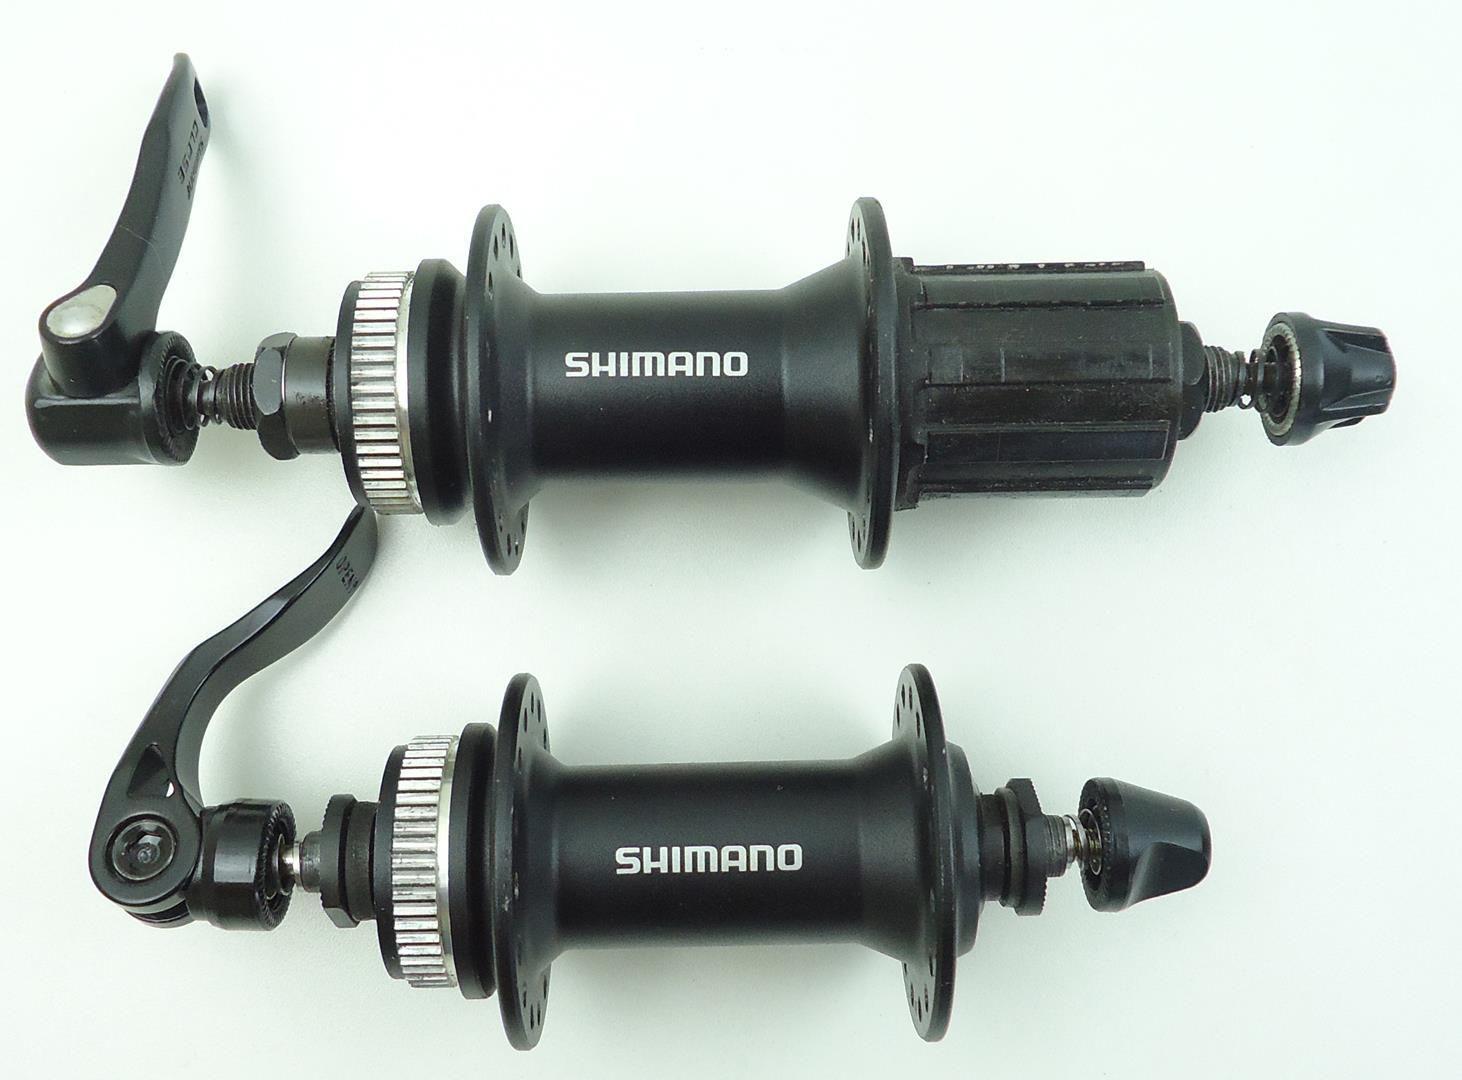 Kit Cubos Shimano Alivio M4050 Com Discos RT30 Centerlock e Cassete Sunrace 9v 11-40 dentes - USADO